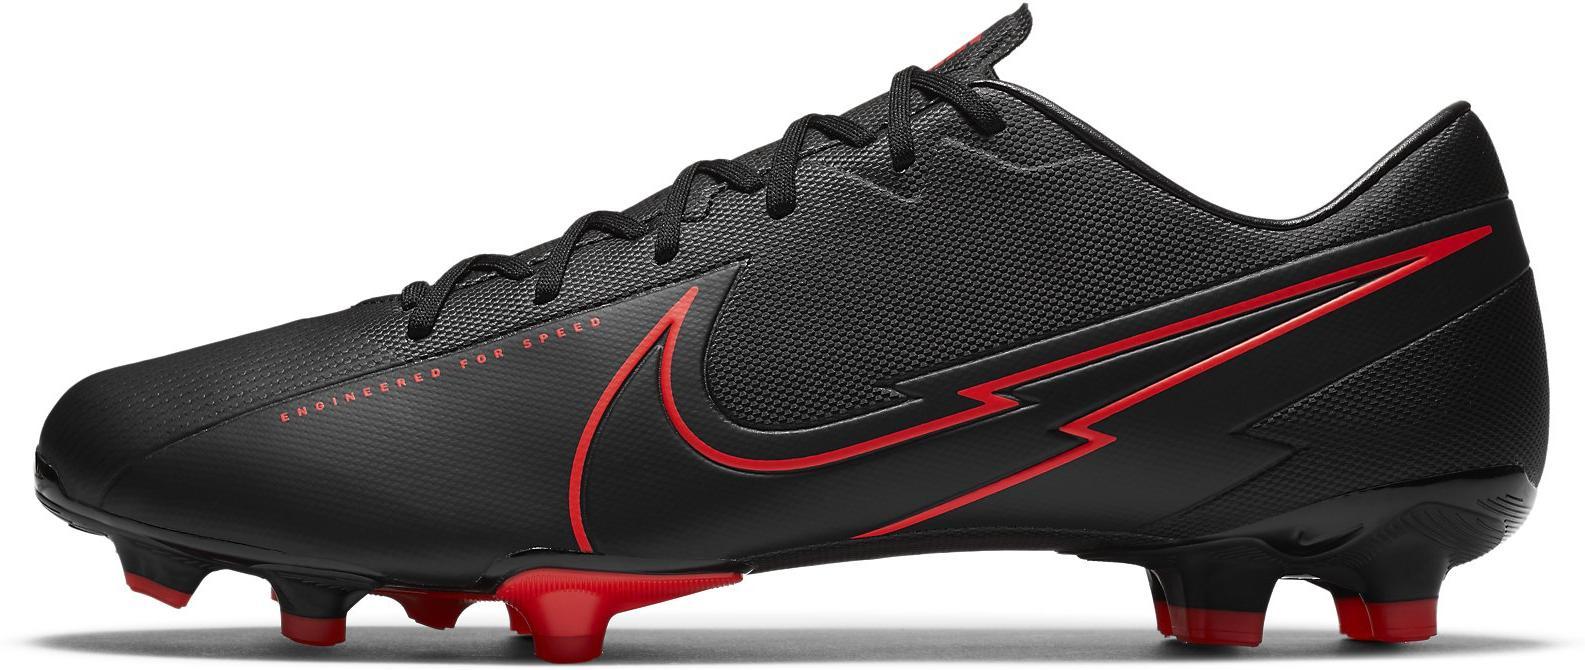 Kopačky Nike VAPOR 13 ACADEMY FG/MG černá